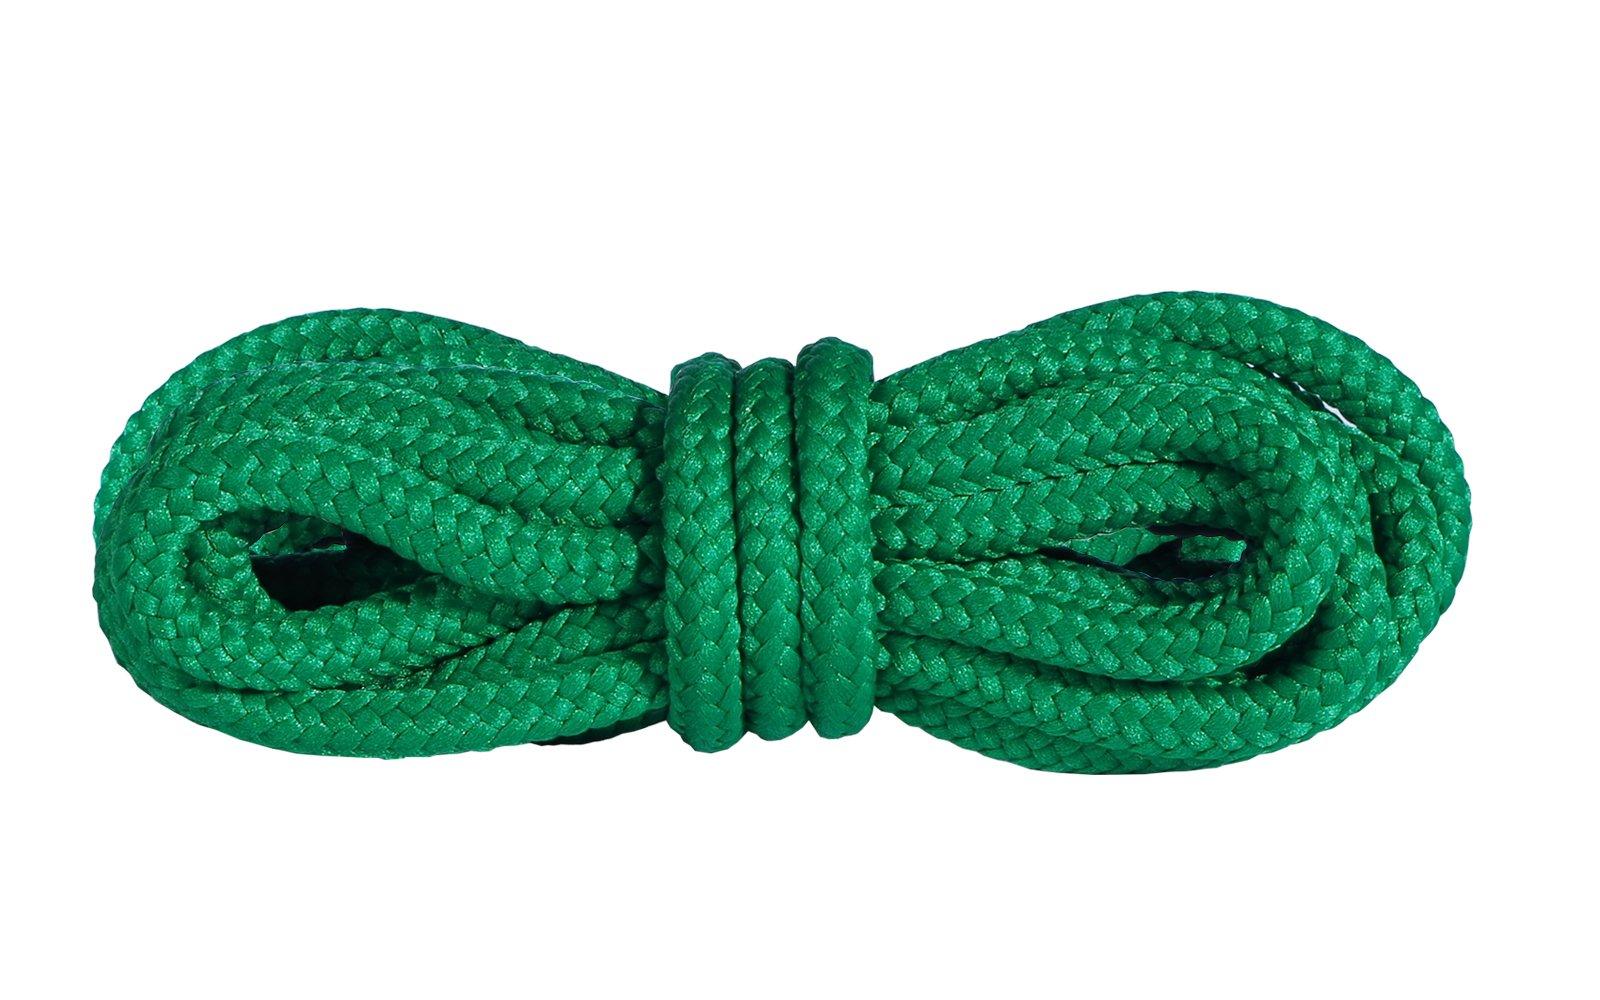 Шнурки для взуття Mountval Laces 90 см, Колір шнурків: Зелений, image